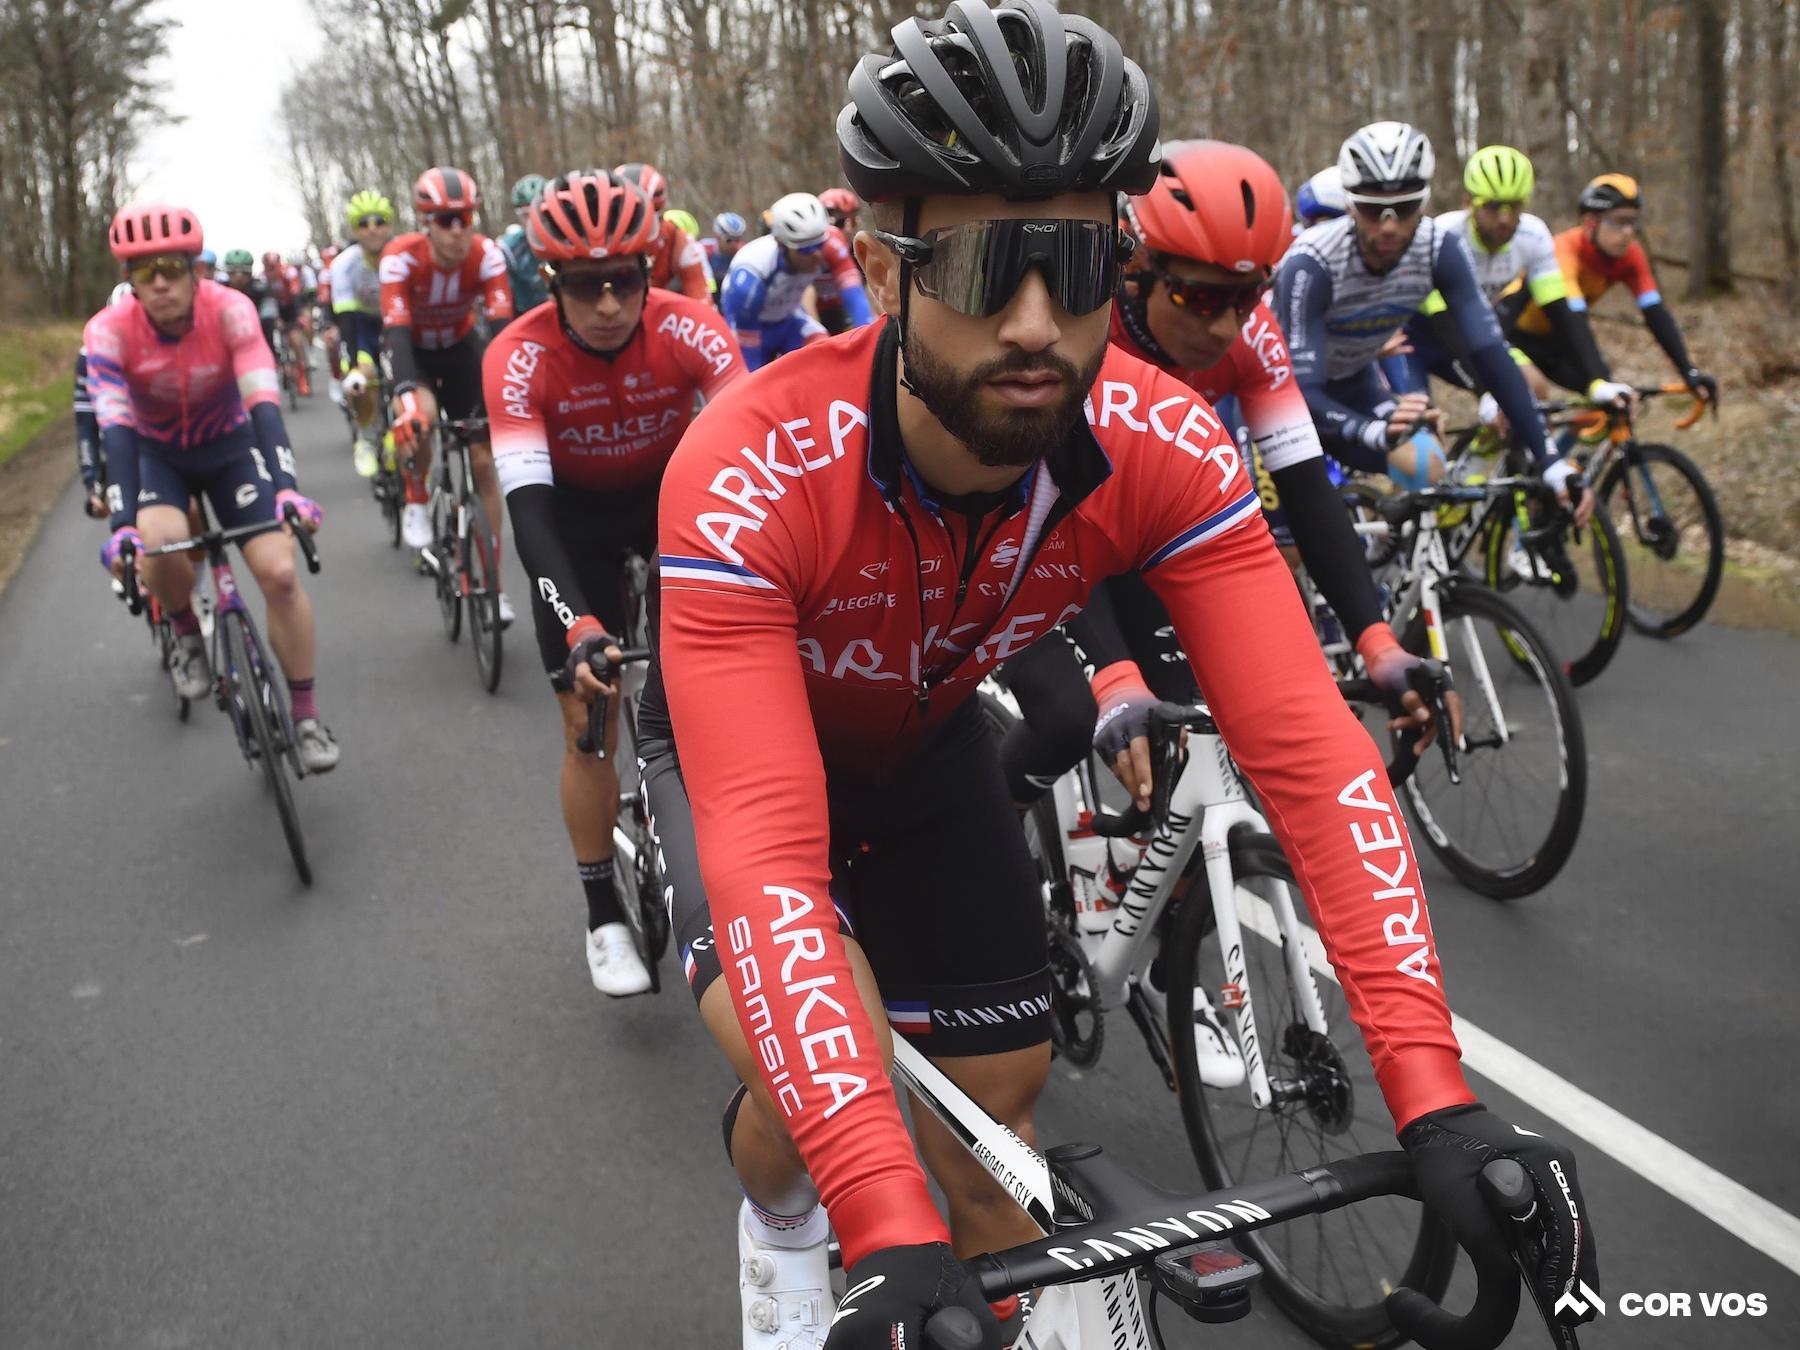 La UCI condena los abusos racistas dirigidos a Bouhanni